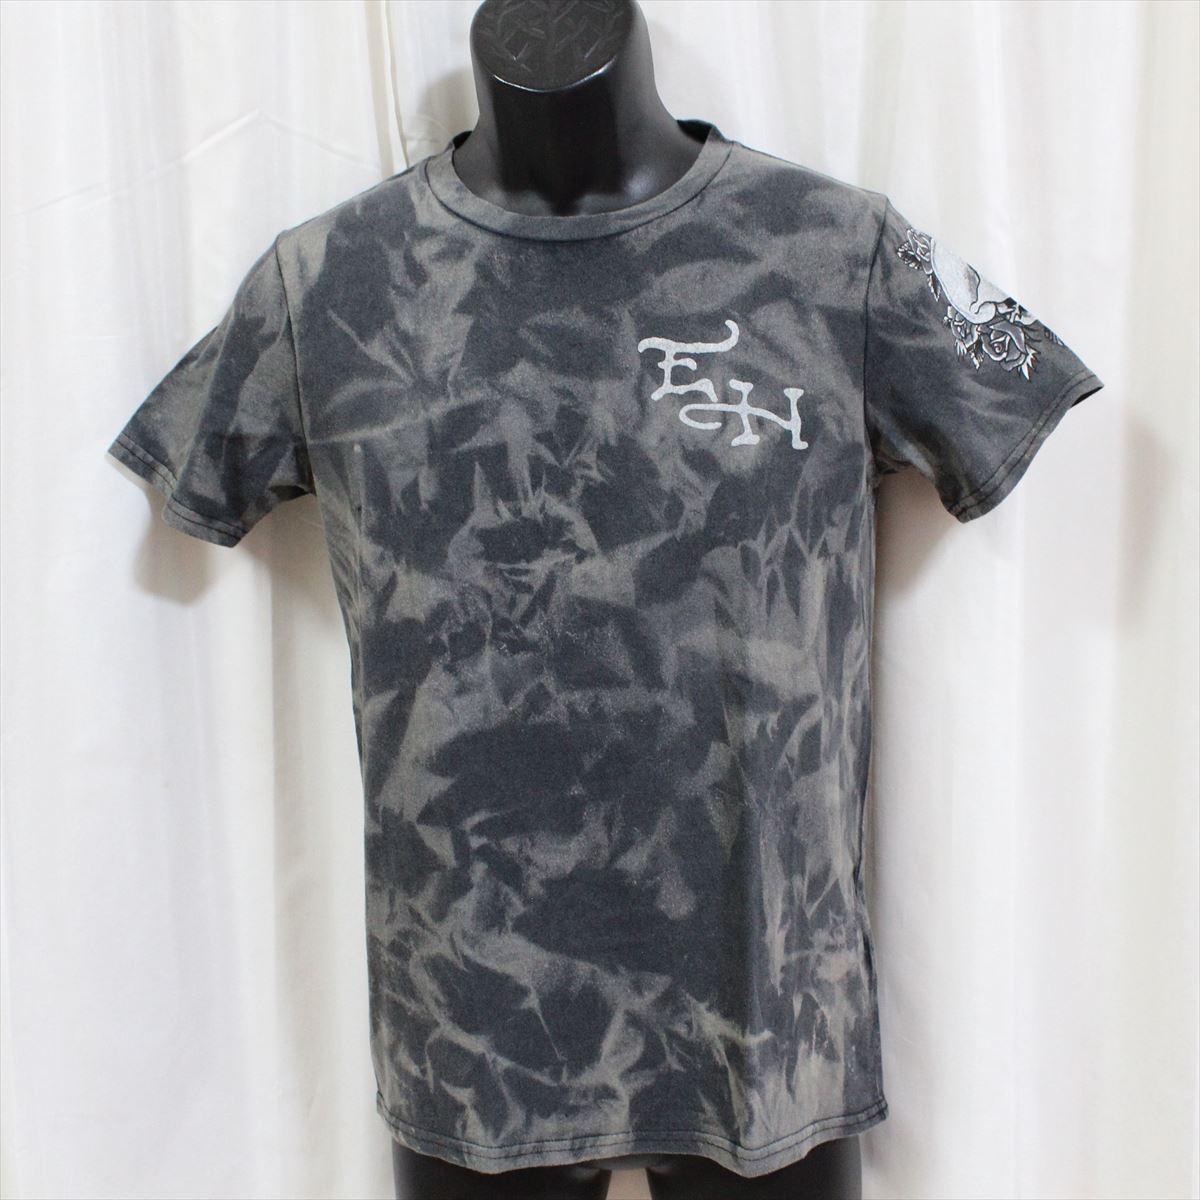 エドハーディー ed hardy メンズ半袖Tシャツ ブラック M02VTT555